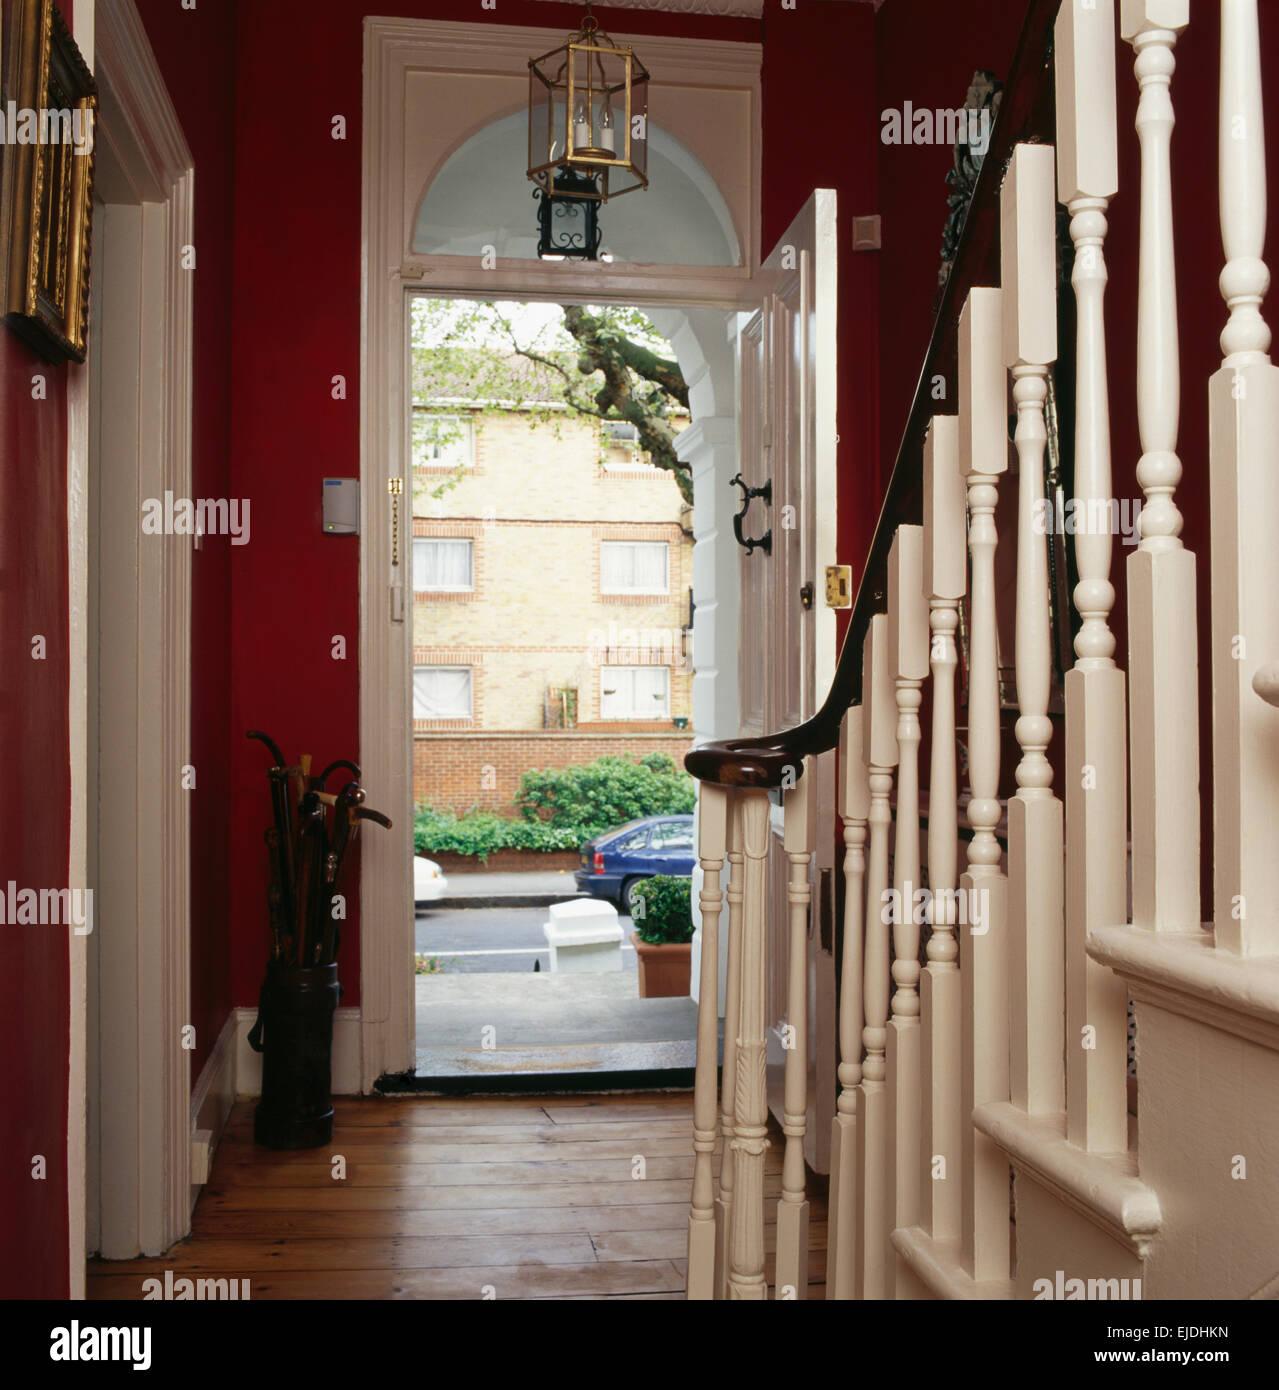 Offene haustür  Creme lackiert Geländer Treppenhaus in rot Stadthaus Halle mit ...